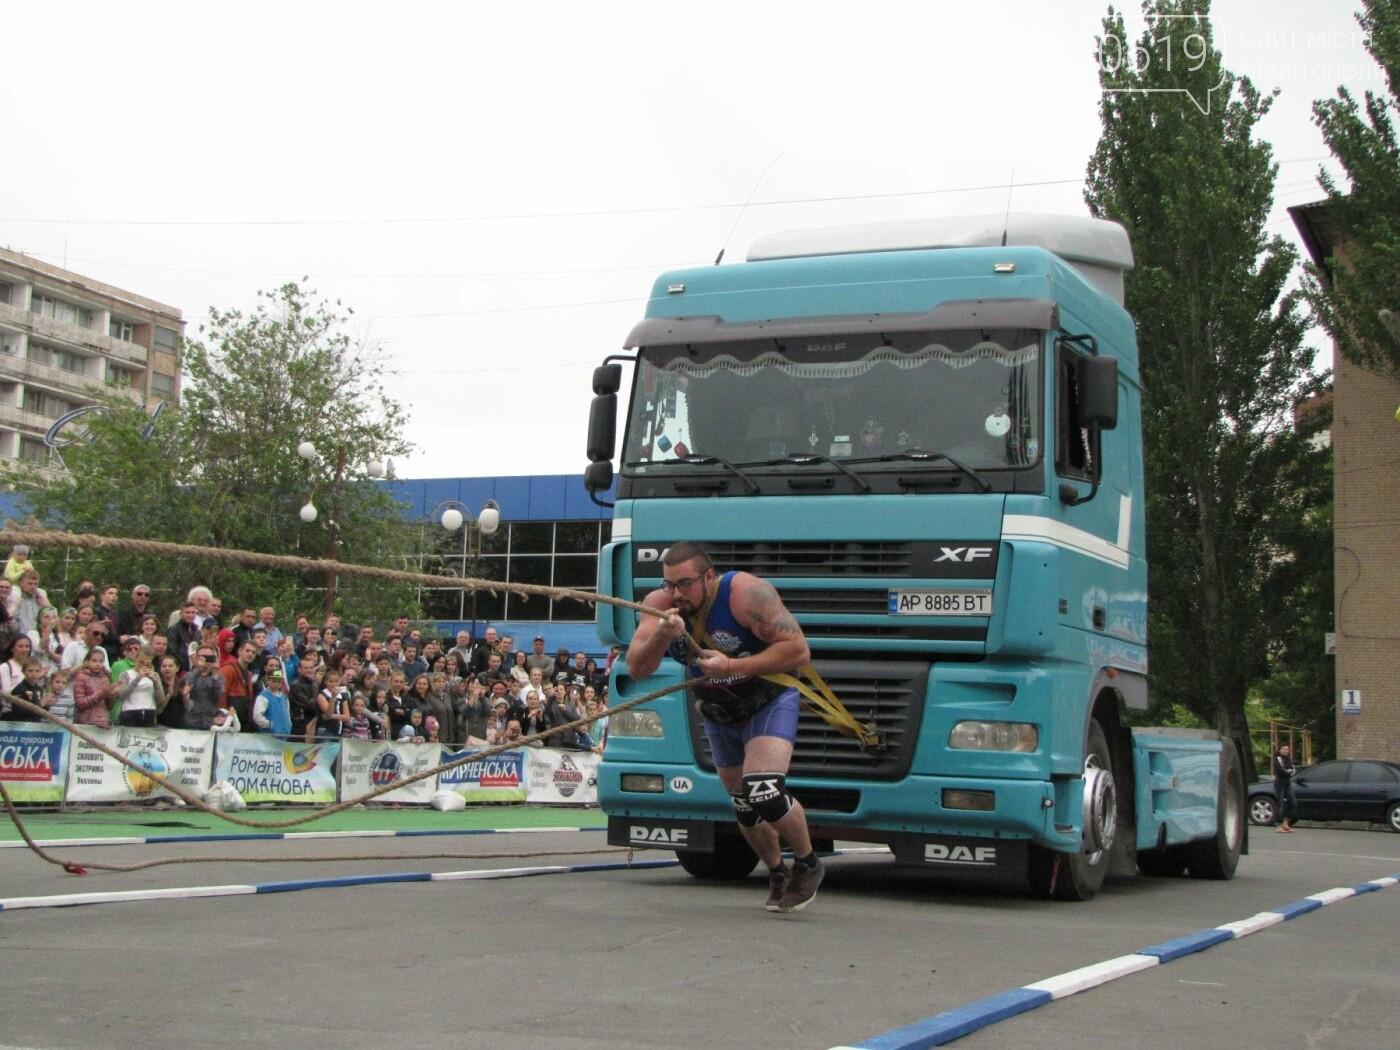 Три победы за неделю: мелитопольский богатырь выиграл второй этап международного чемпионата, фото-48